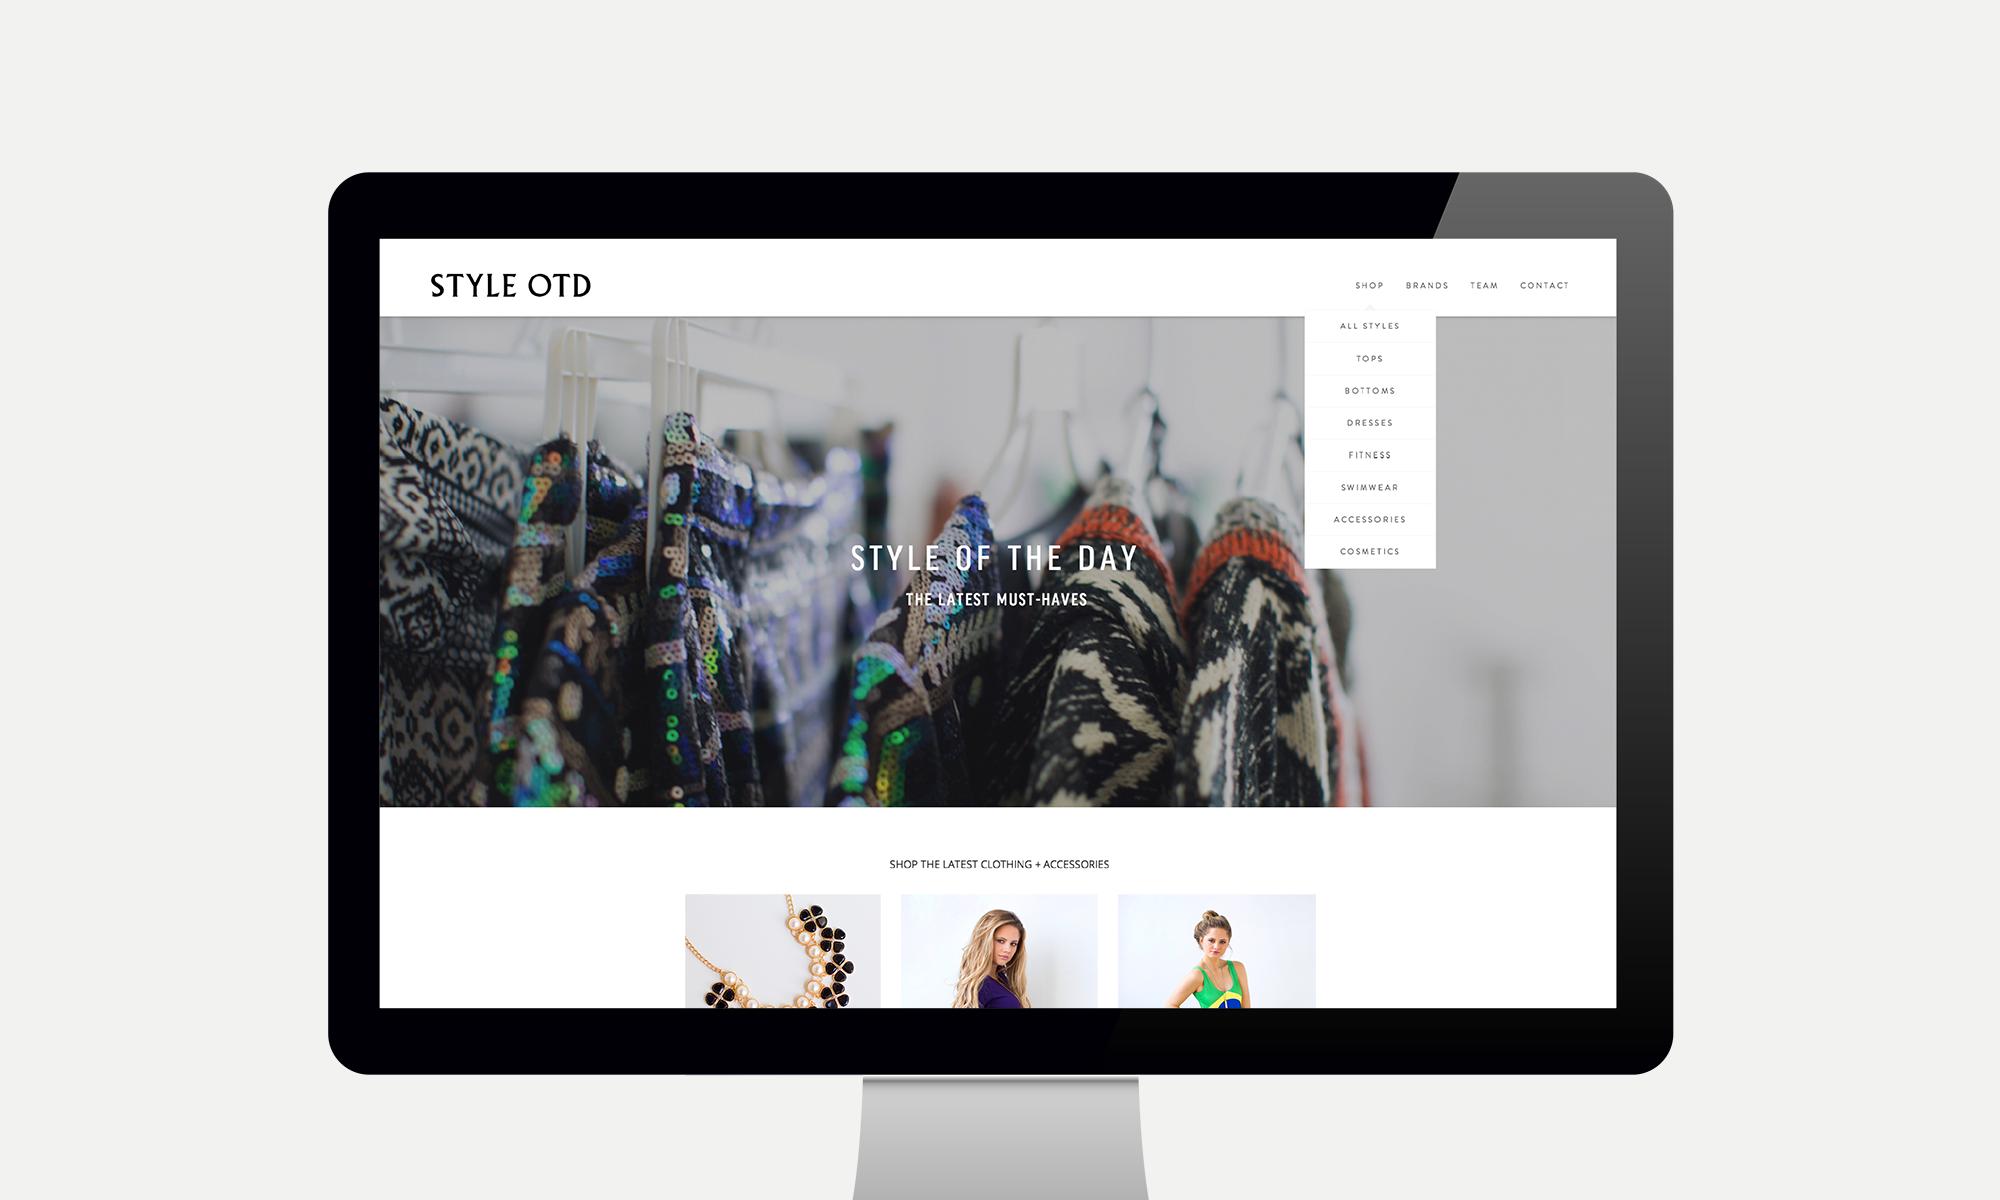 StyleOTD-website-I.png